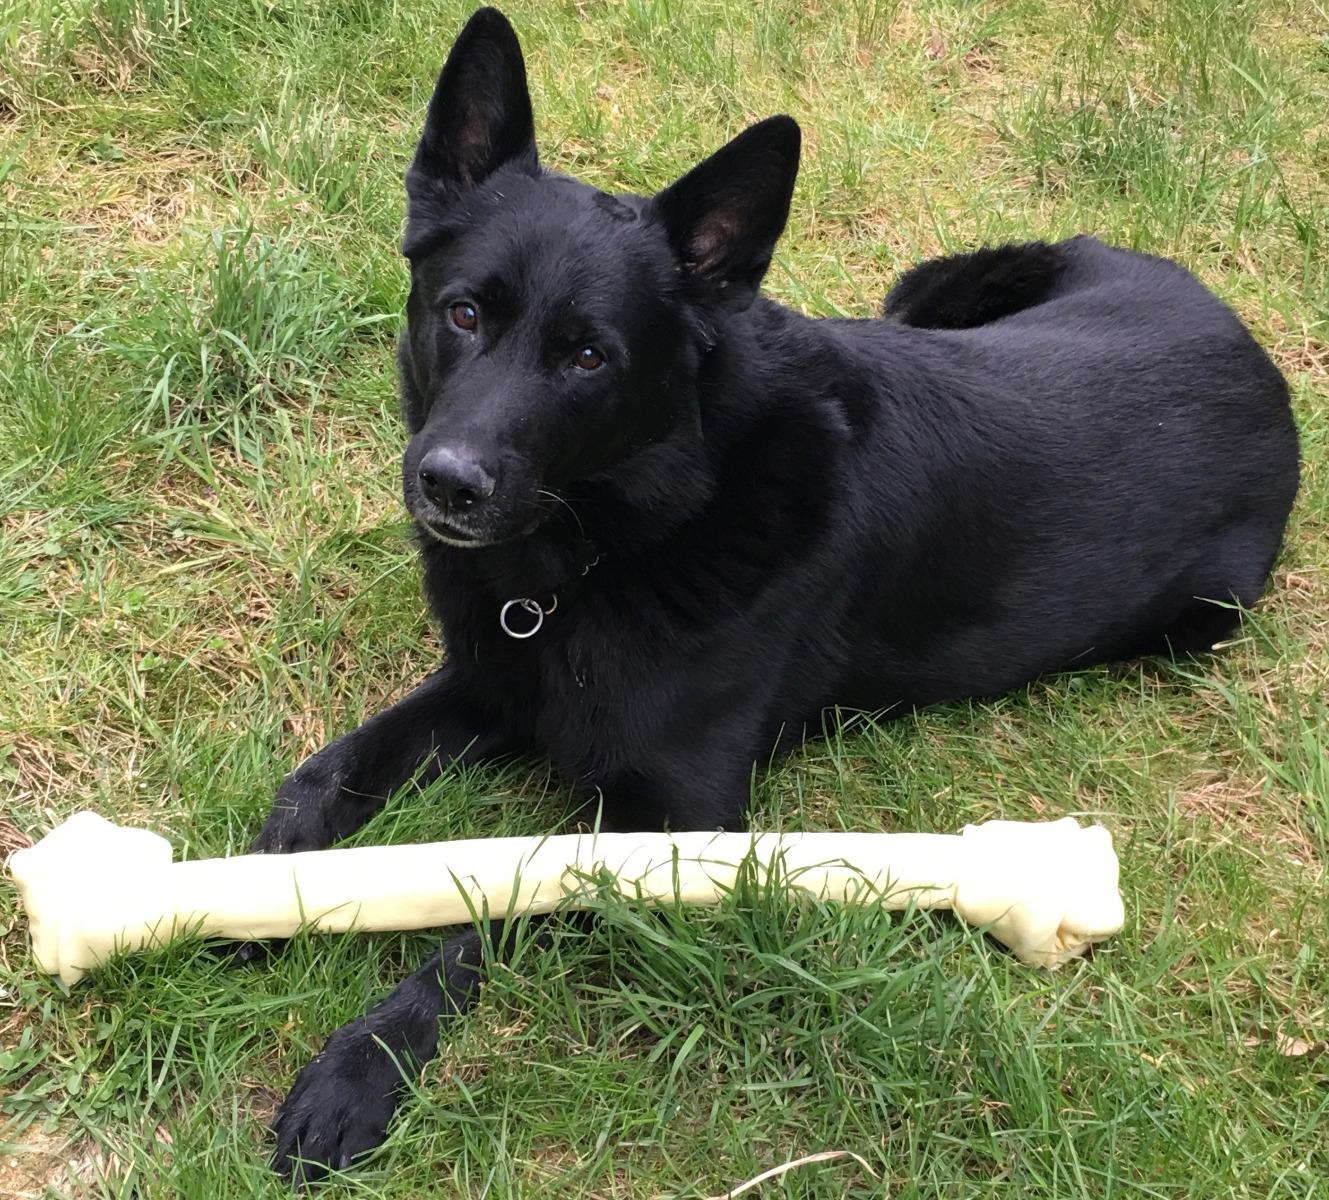 Knoopkluiven zijn natuurlijke en hoogwaardige kauwkluiven.  Geen toevoegingen, zuiver natuurlijk product Ongelooide binnenste huidlaag van runderen (Rawhide) Voor lang kauwplezier. Voor een schoon gebit en ter voorkoming van tandplak. De natuurlijke tandenborstel van je hond. Volledig verteerbaar. De mooie hond op de foto's wordt niet meegeleverd!